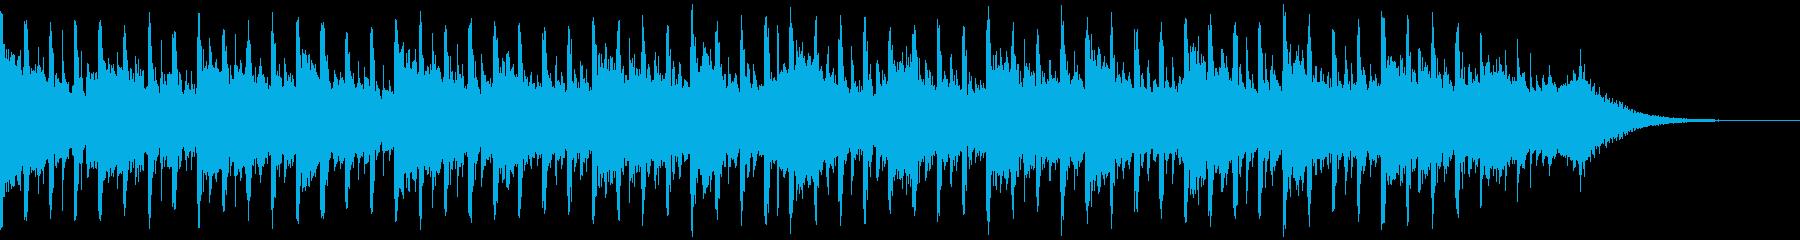 説明者の背景(40秒)の再生済みの波形